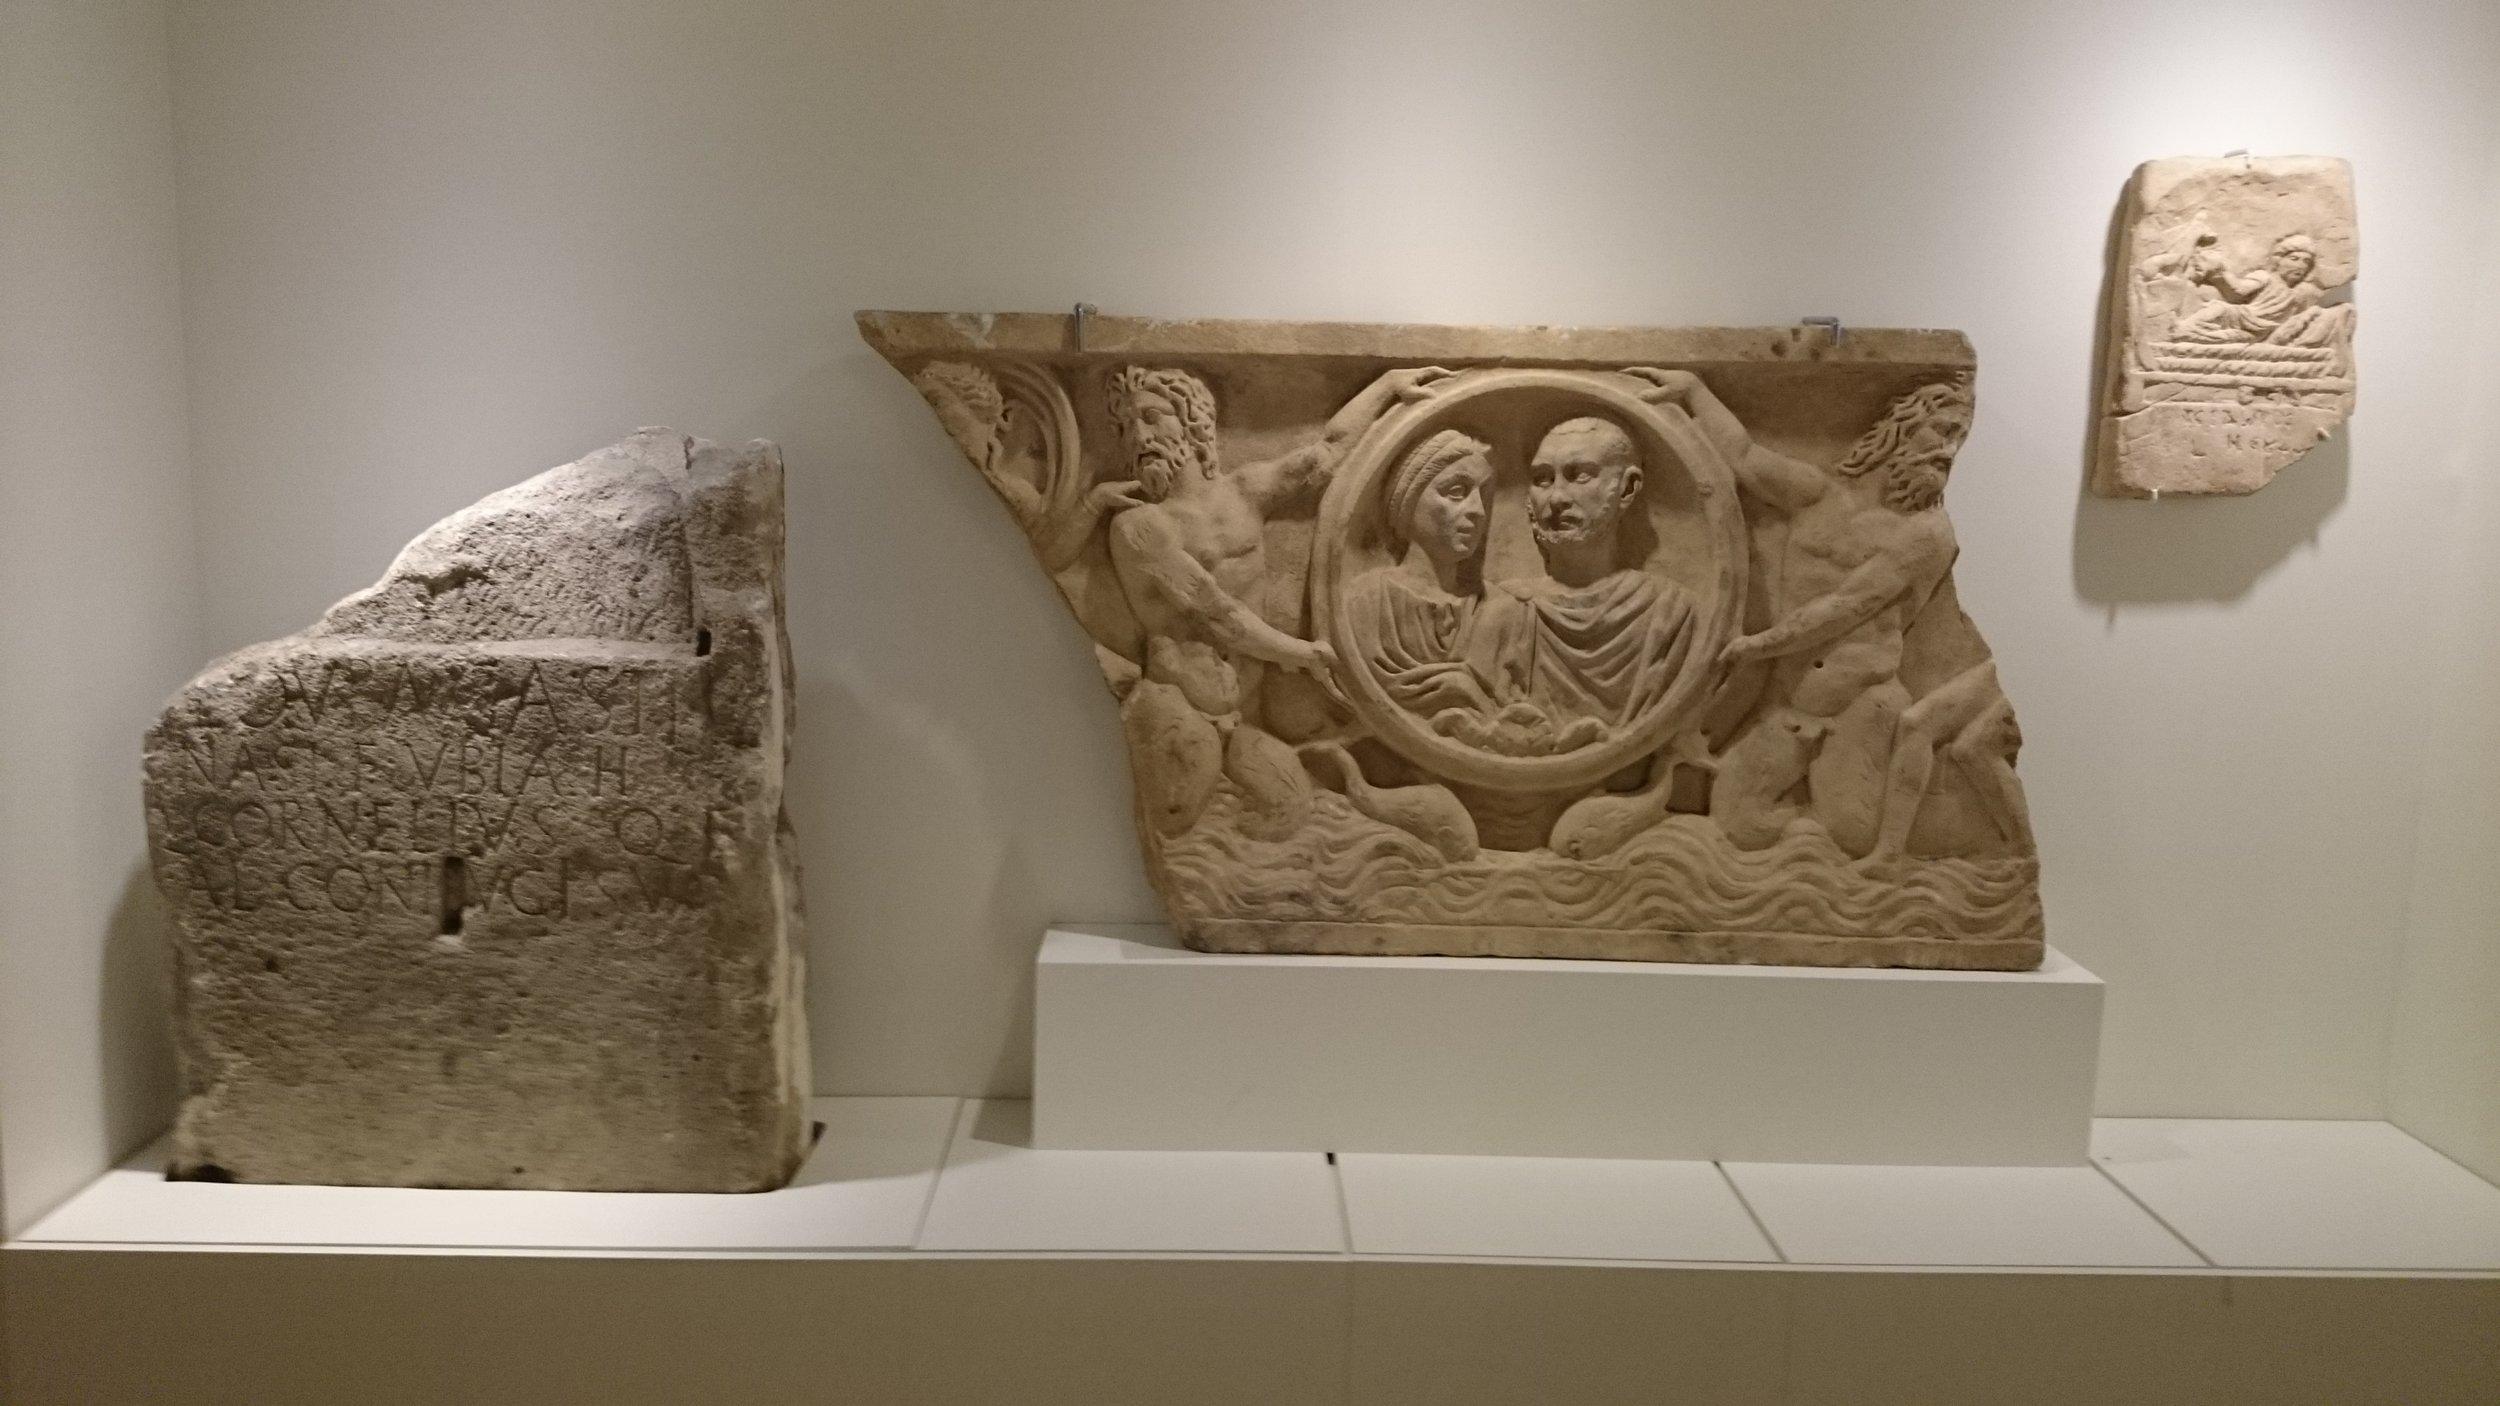 Verschillende grafmonumenten in het Allard Pierson. Links de grafsteen voor Louba, één van de sleutelstukken op de afdeling  Van Rome tot Romeins .